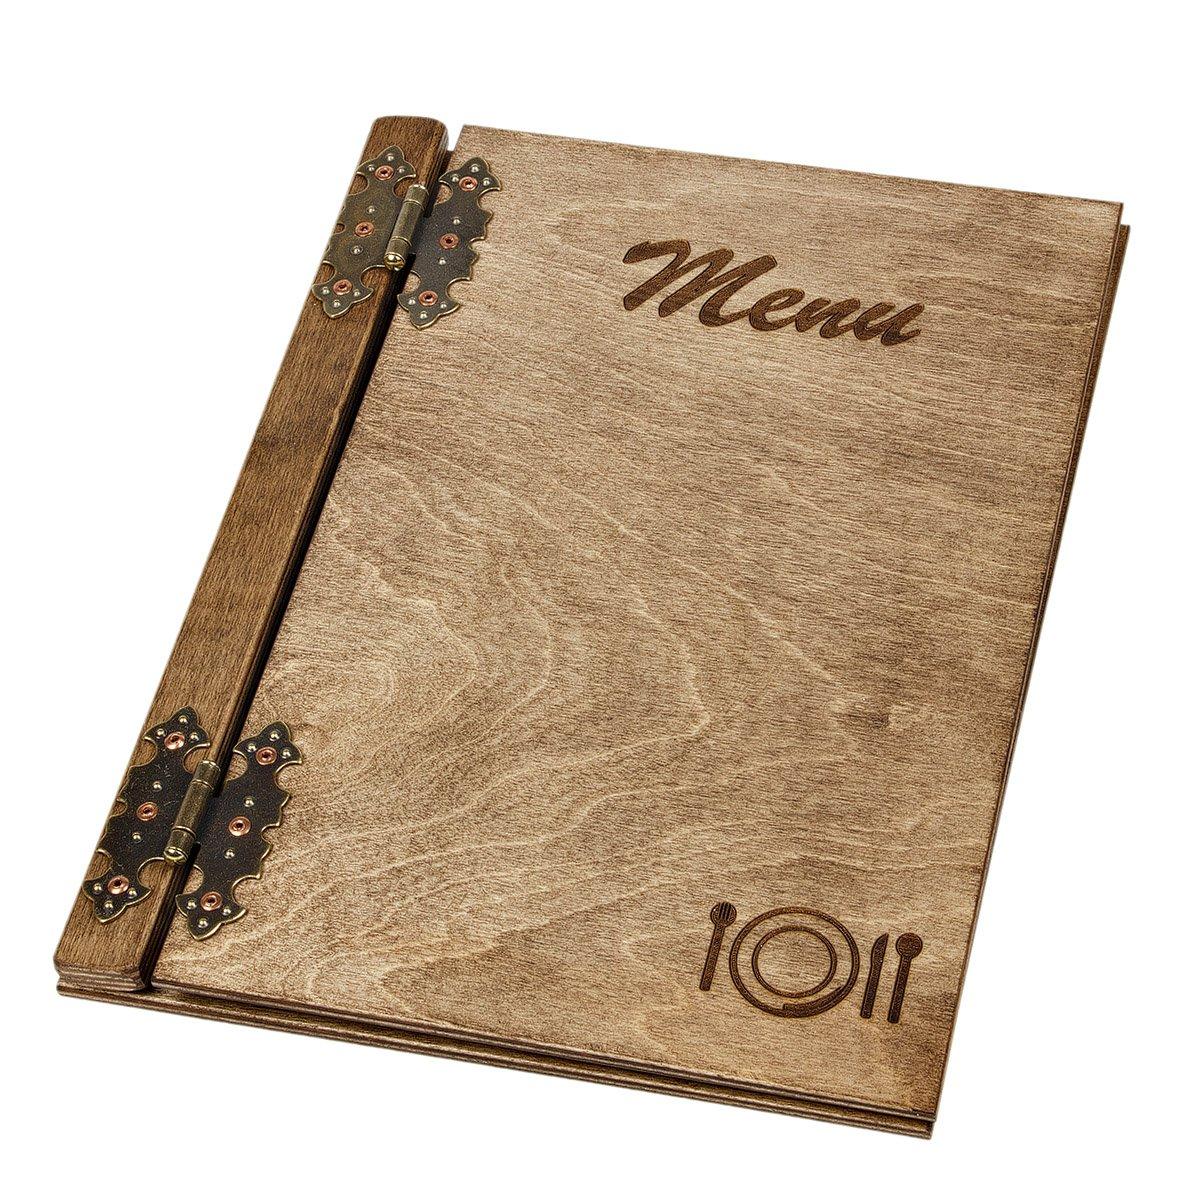 Speisekarte 1 Stück aus Holz Holzspeisekarte Restaurant Karte ...